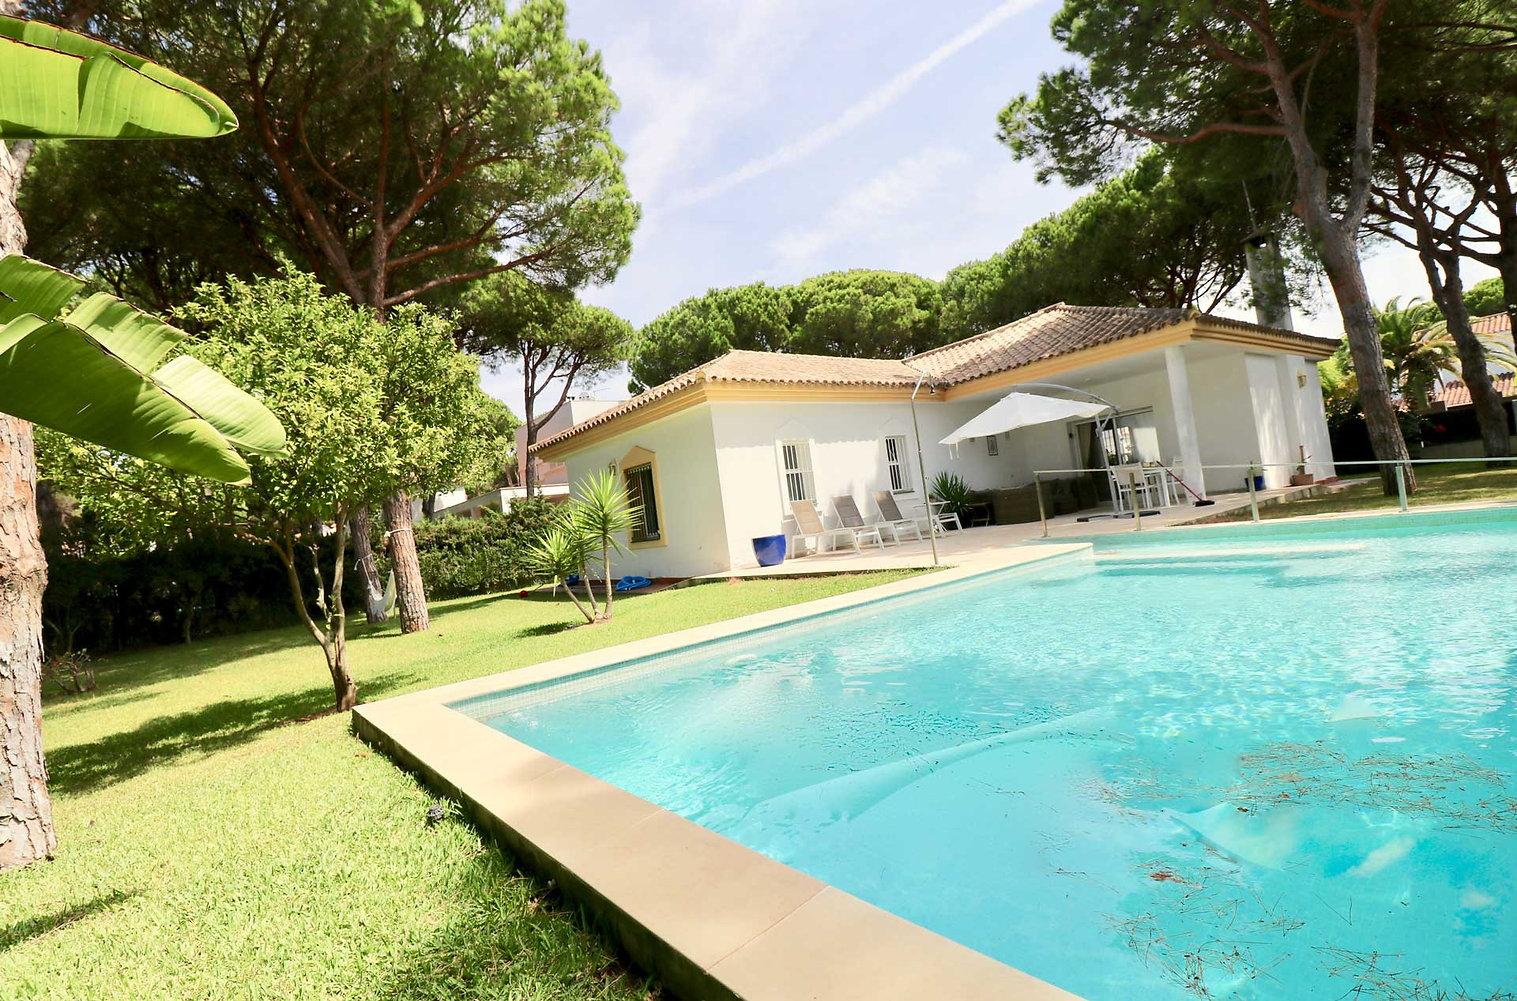 design-pool-house-garden-refv71.jpg